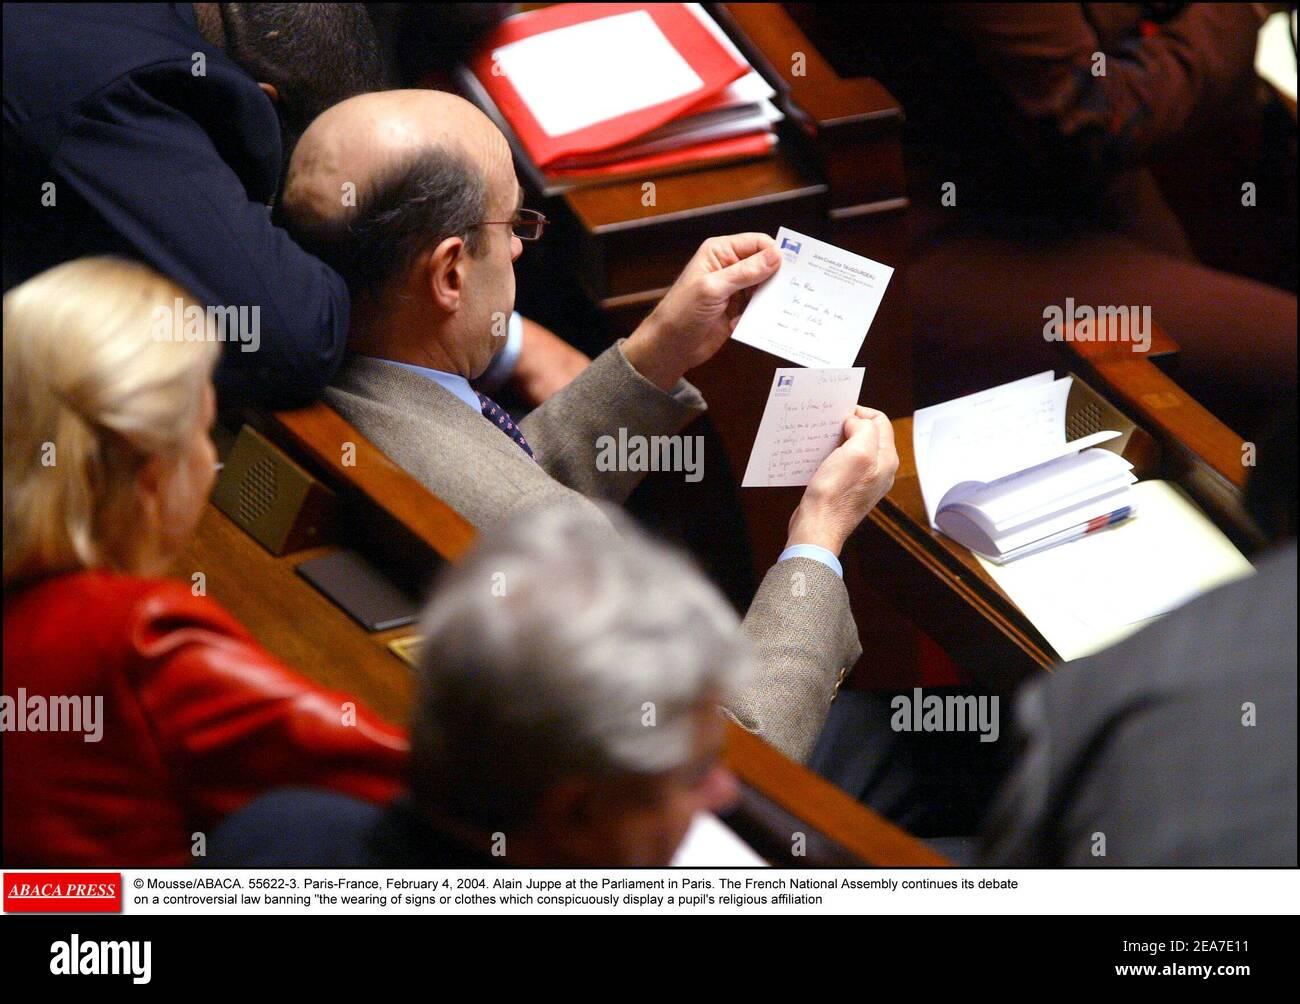 © Mousse/ABACA. 55622-3. París-Francia, 4 de febrero de 2004. Alain Juppe en el Parlamento de París. La Asamblea Nacional francesa continúa su debate sobre una controvertida ley que prohíbe el uso de señales o ropas que manifiesten notoriamente la afiliación religiosa de un alumno Foto de stock